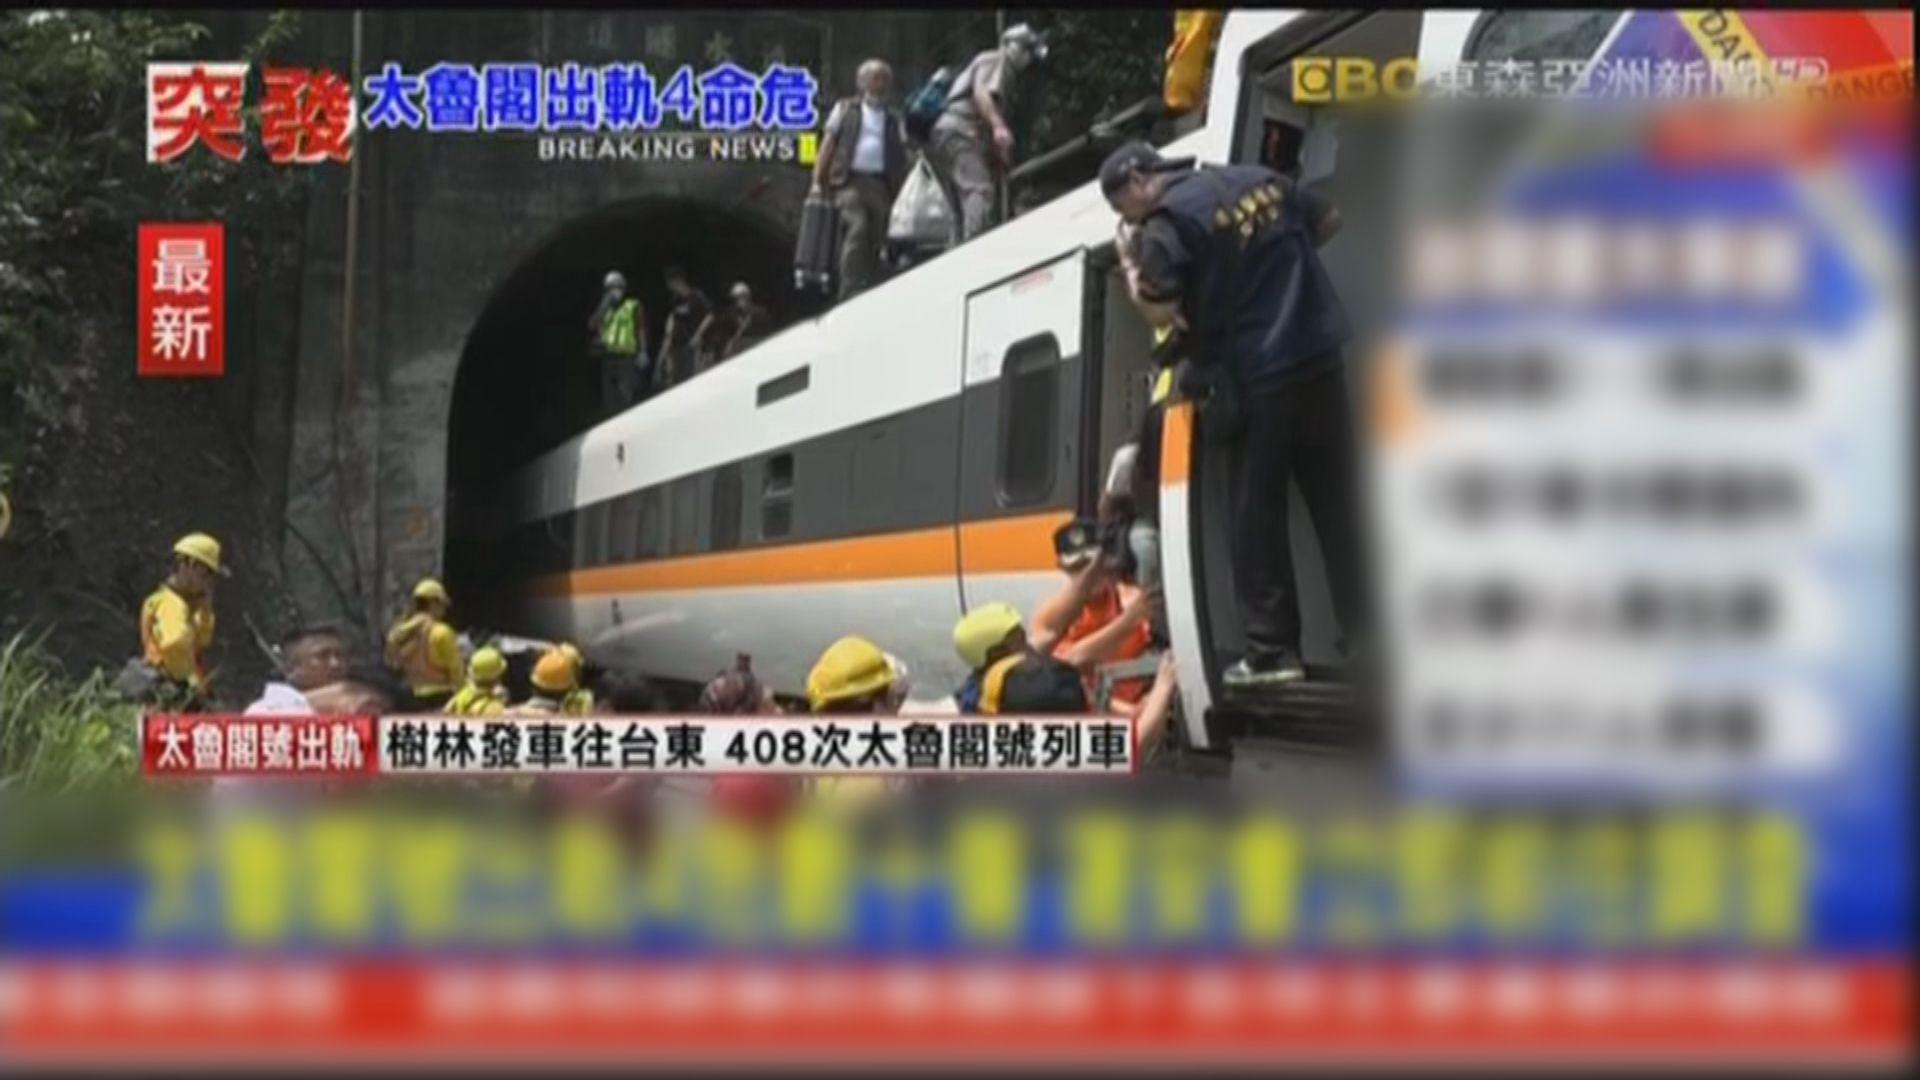 台鐵列車花蓮隧道出軌 據報36人無生命跡象過百傷